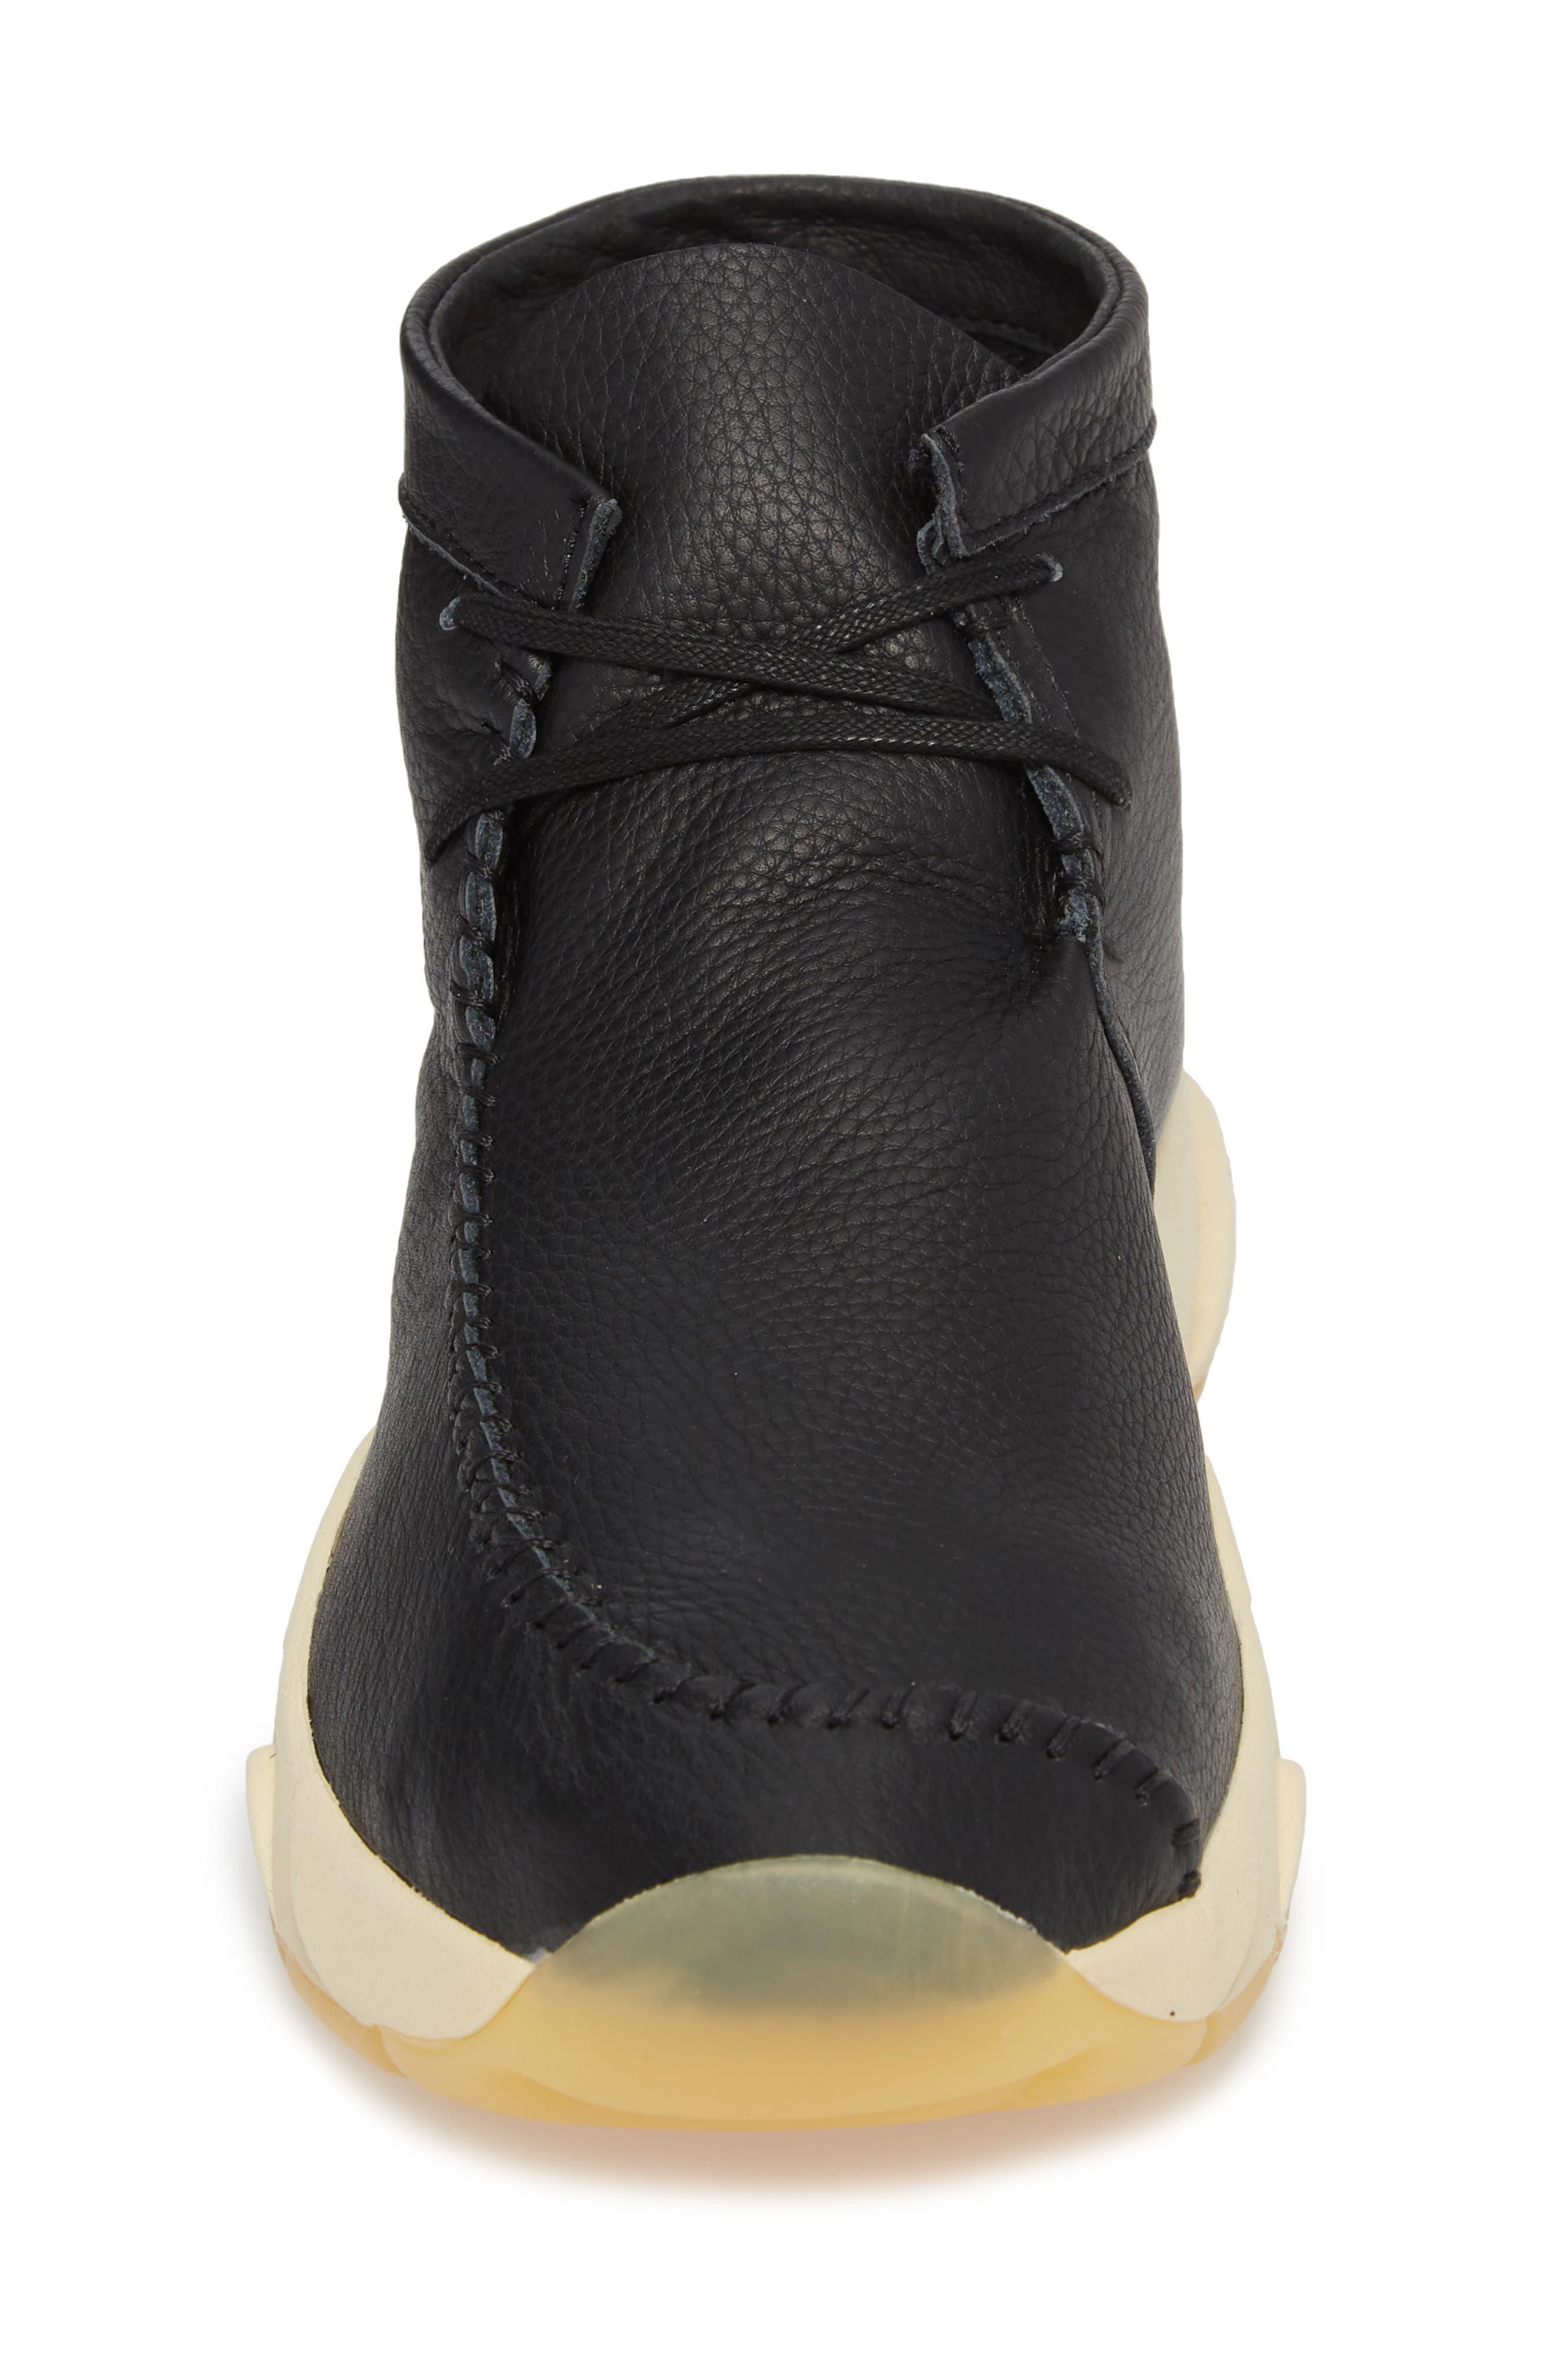 Castas Asymmetrical Chukka Sneaker,                             Alternate thumbnail 4, color,                             001